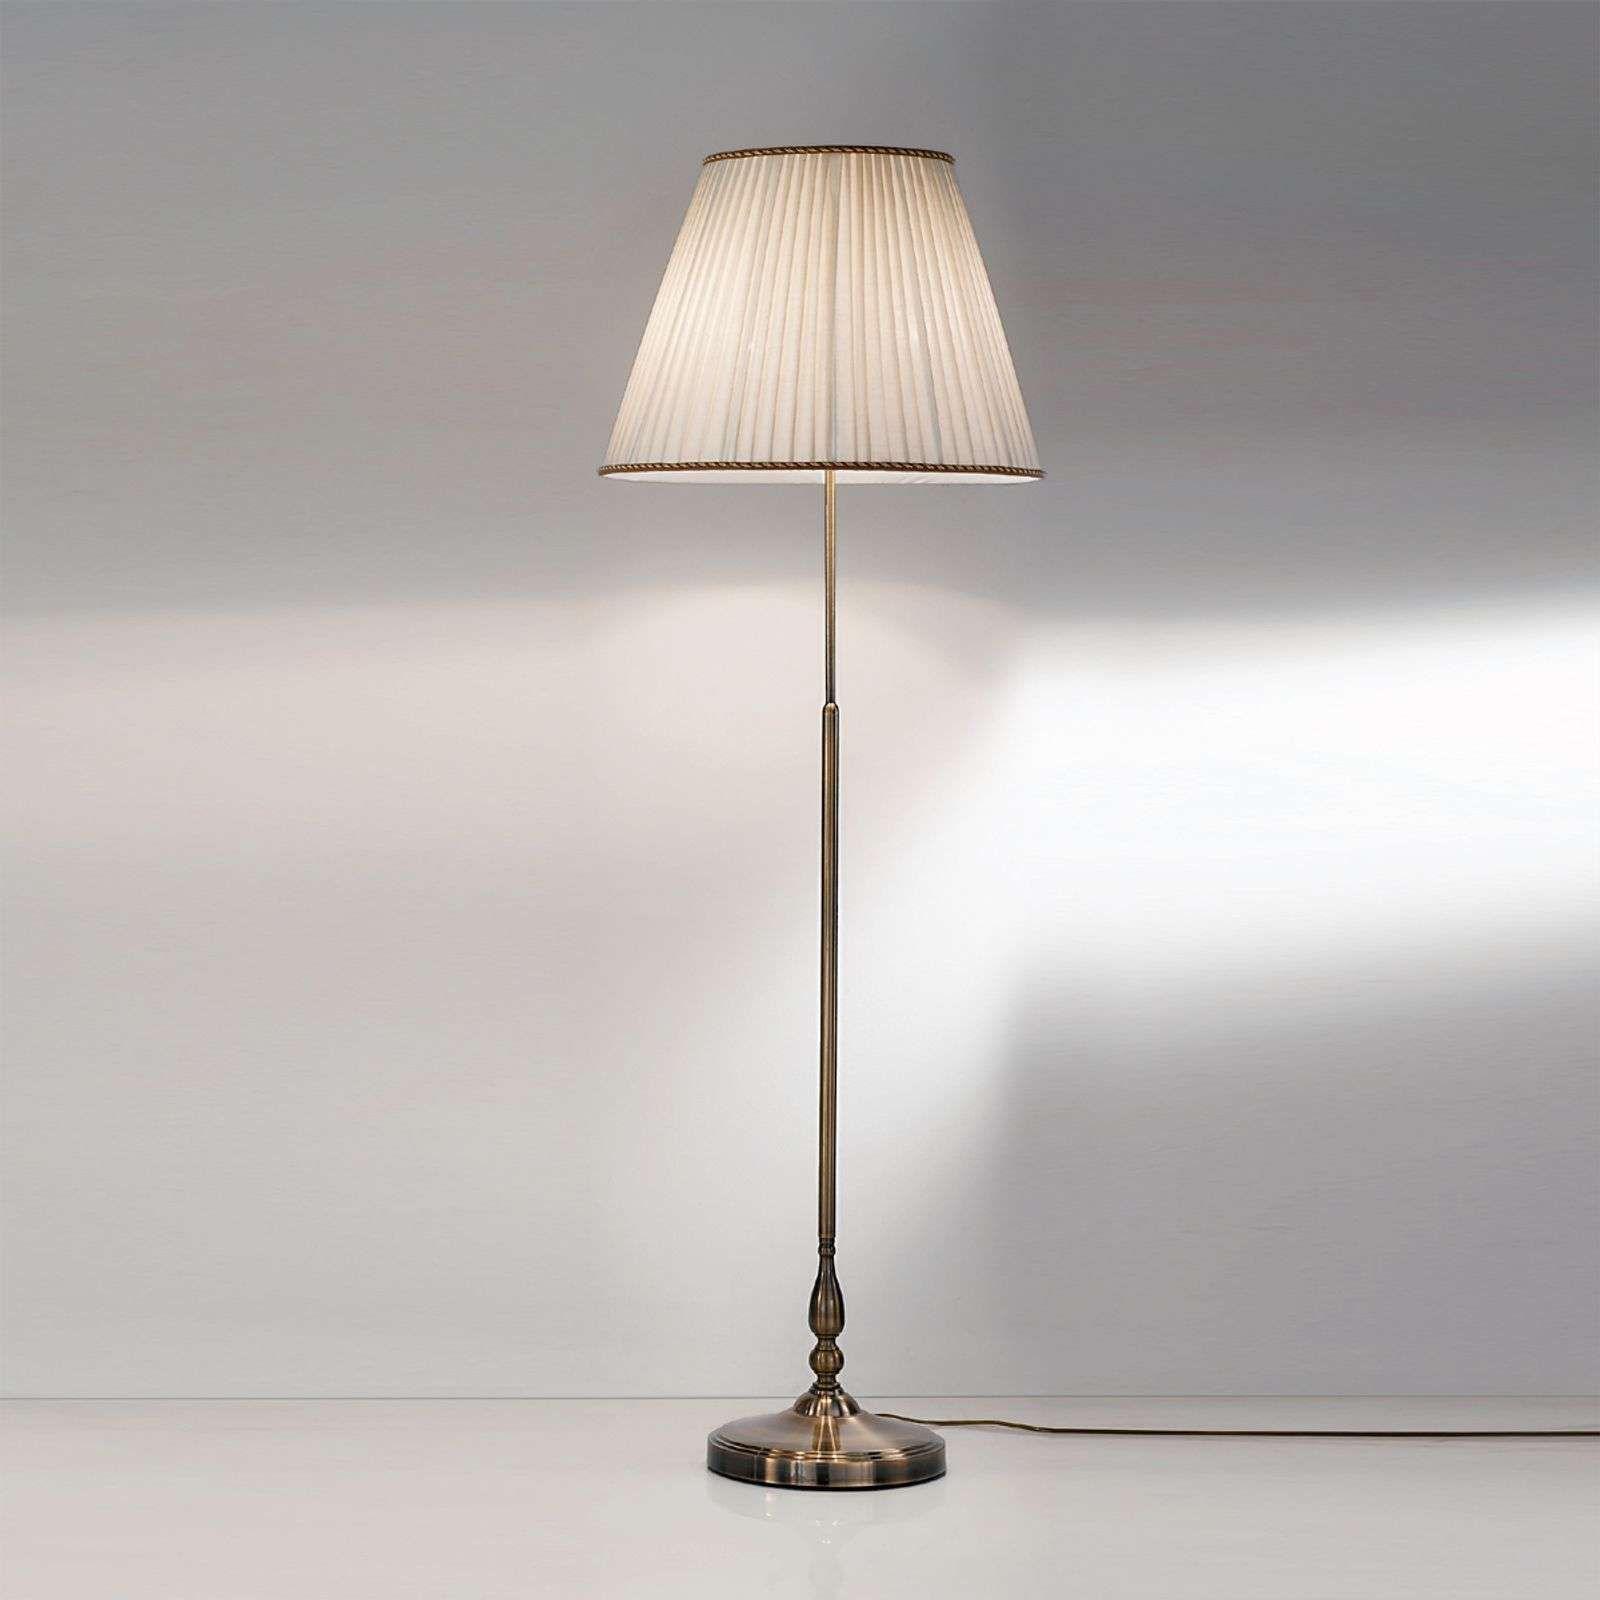 Elegante Vloerlamp Rosella Met Plisse Kap Van Orion In 2020 Vloerlamp Plafondverlichting Lampvoeten